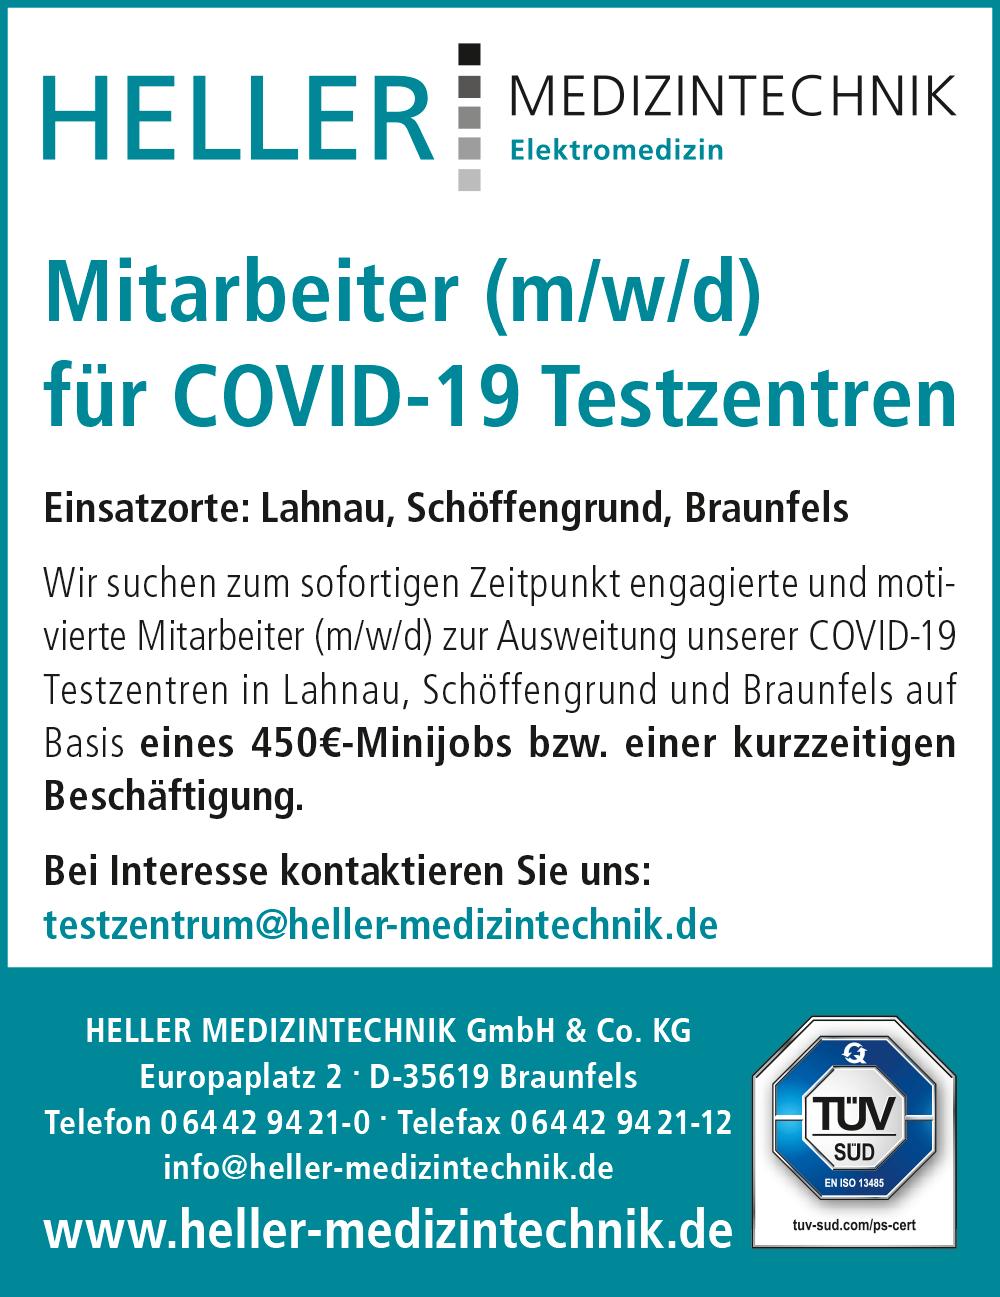 Mitarbeiter (m/w/d) für COVID-19 Testzentren gesucht mit Einsatzort Braunfels, Lahnau und Schöffengrund